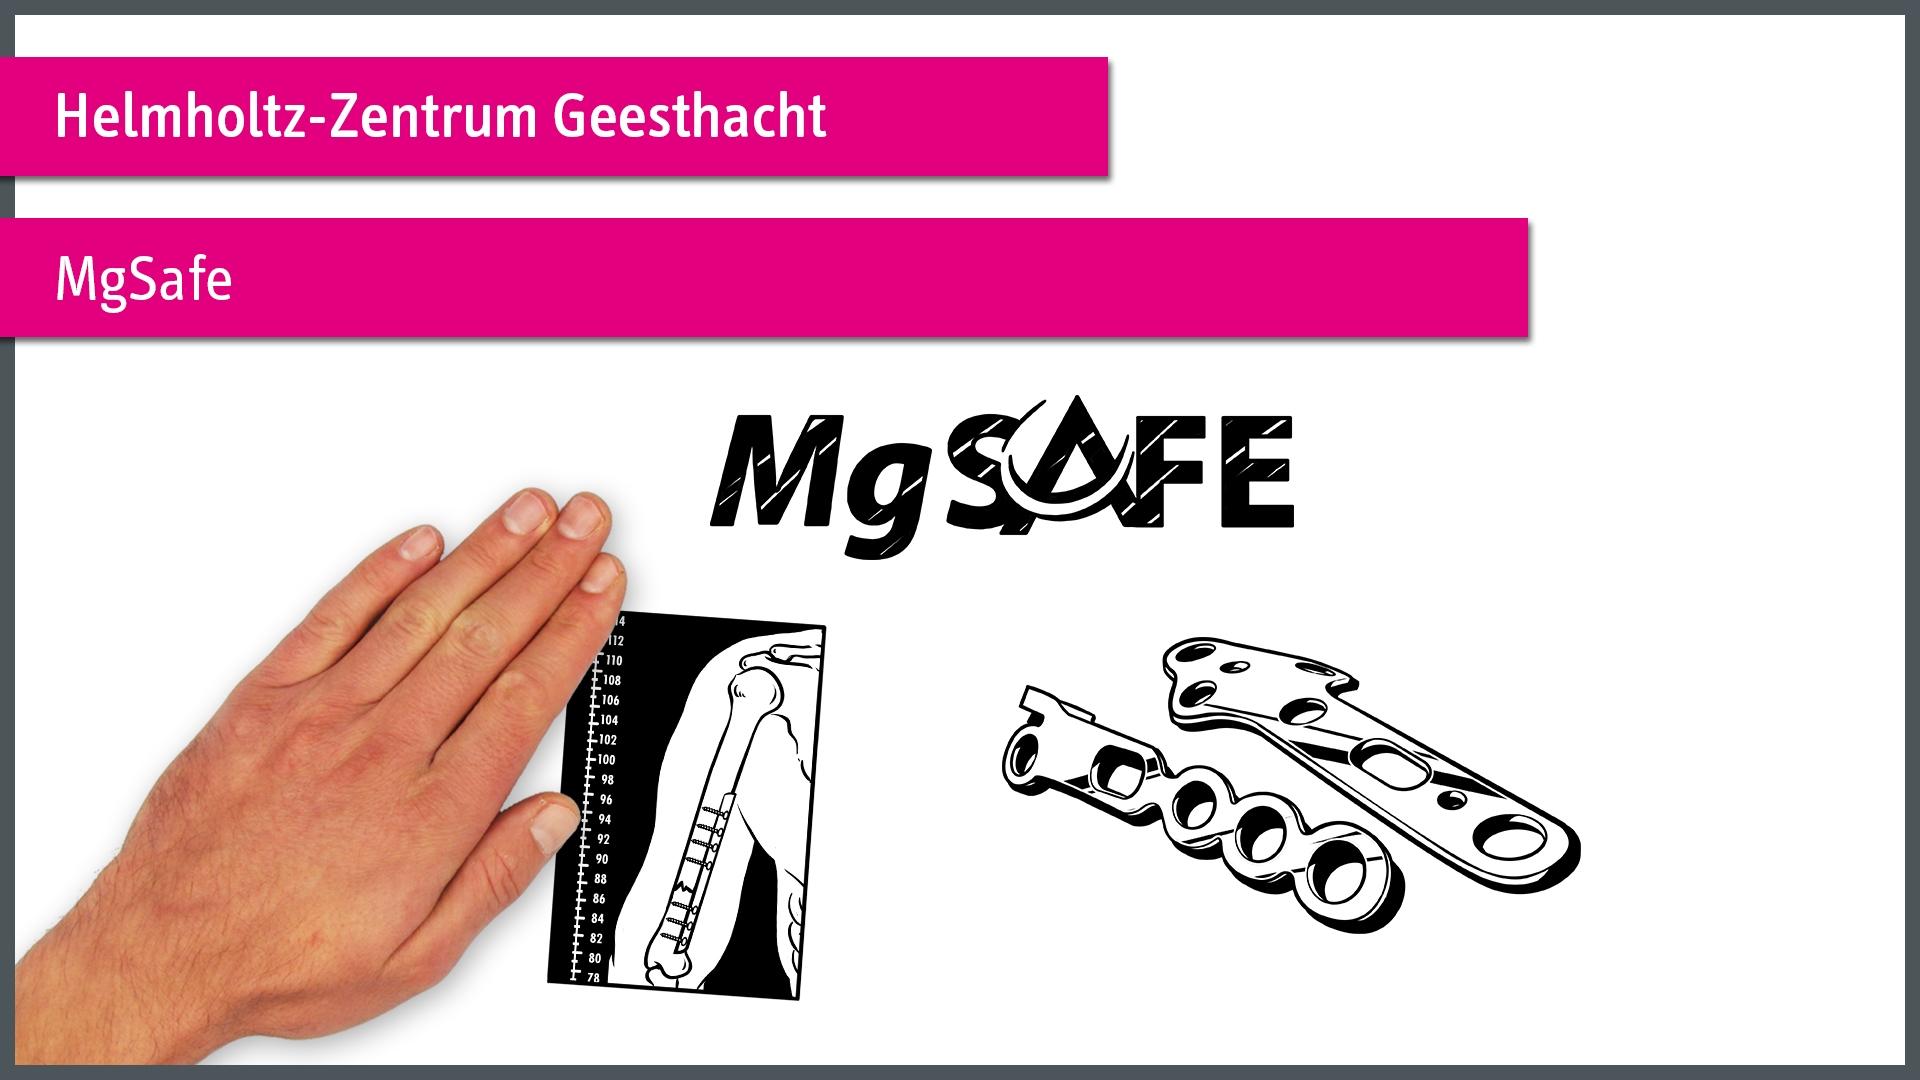 MgSafe einfach erklärt